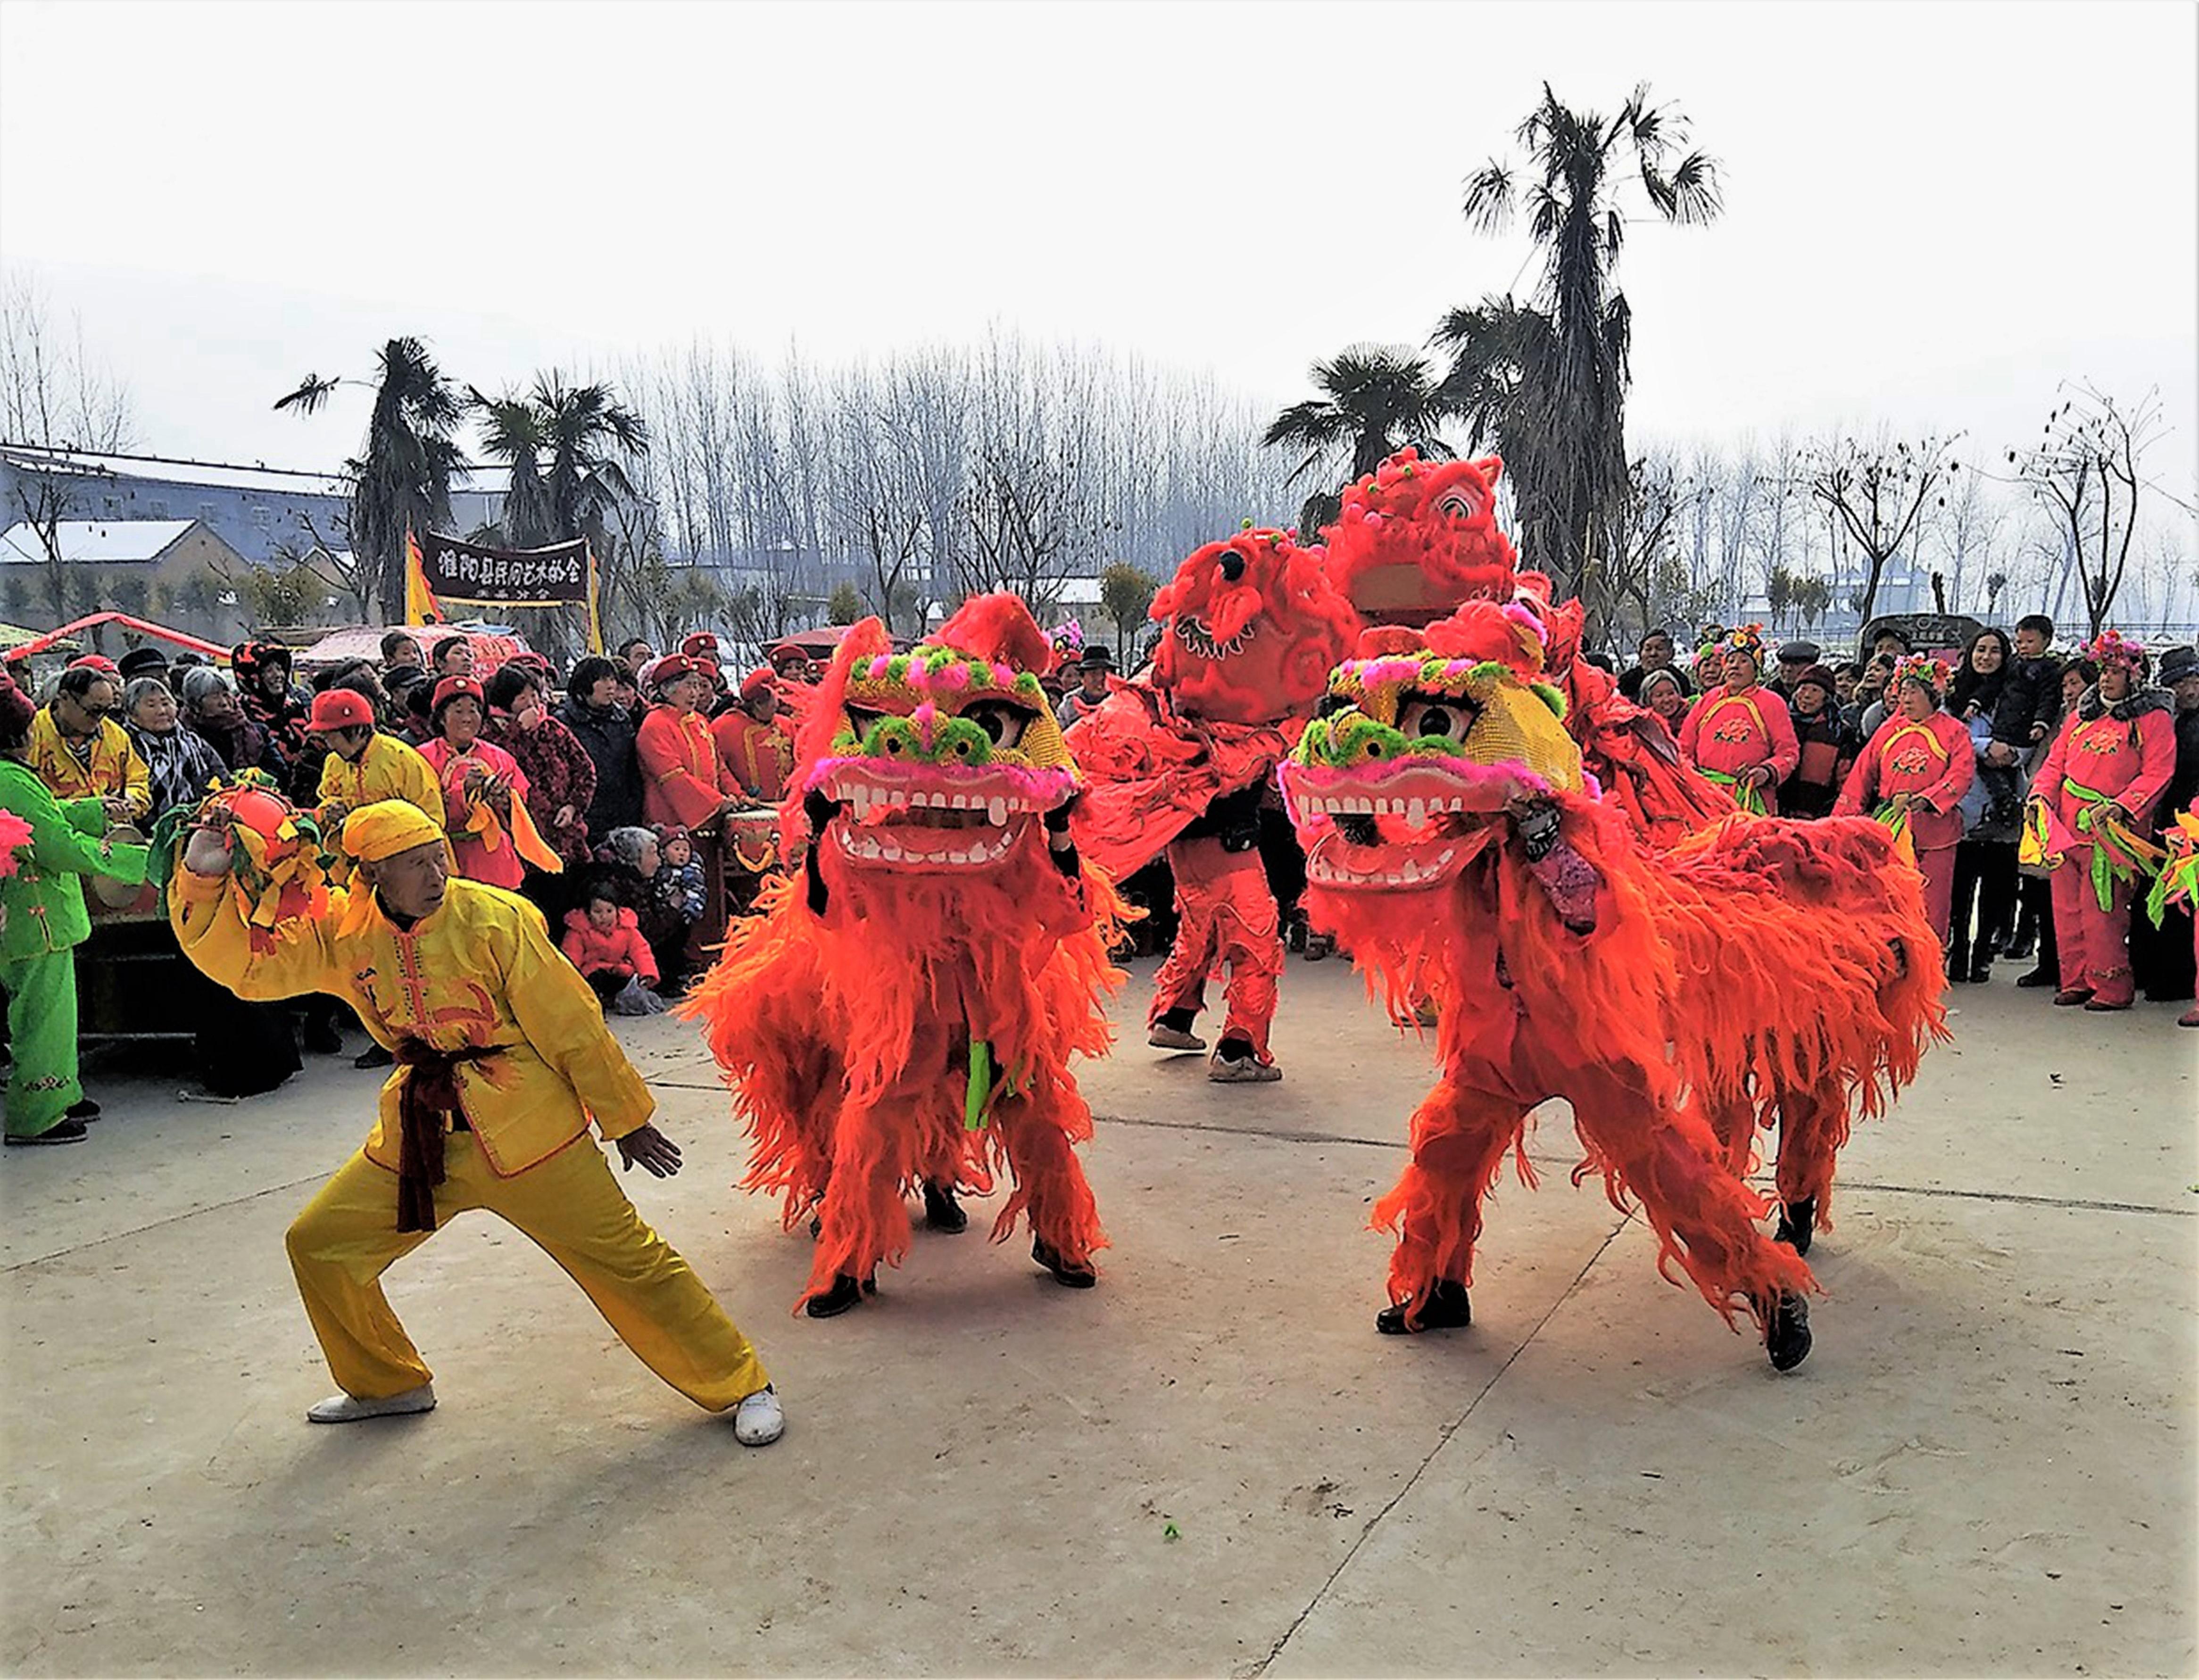 脱贫攻坚工作开展以来,淮阳县积极推进村镇文化广场建设,引导群众开展各种文体活动。图为朱集乡张庄村群众正在举行舞狮等民间艺术展演。   段相民  摄